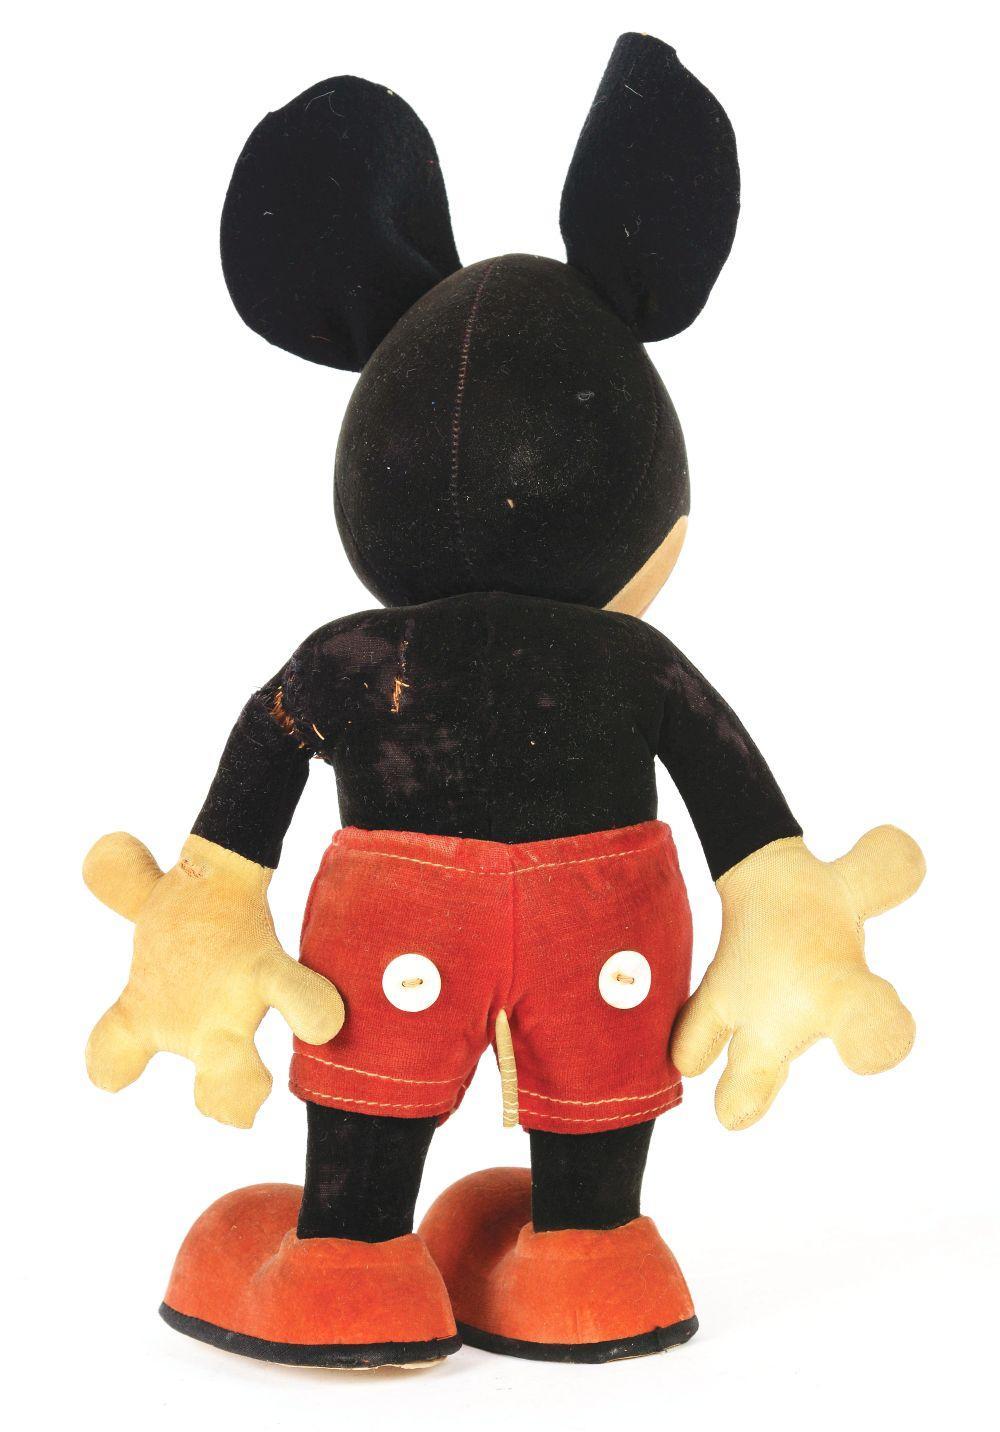 Lot 2333: Pre-War Walt Disney Pie-Eyed Mickey Mouse Doll.